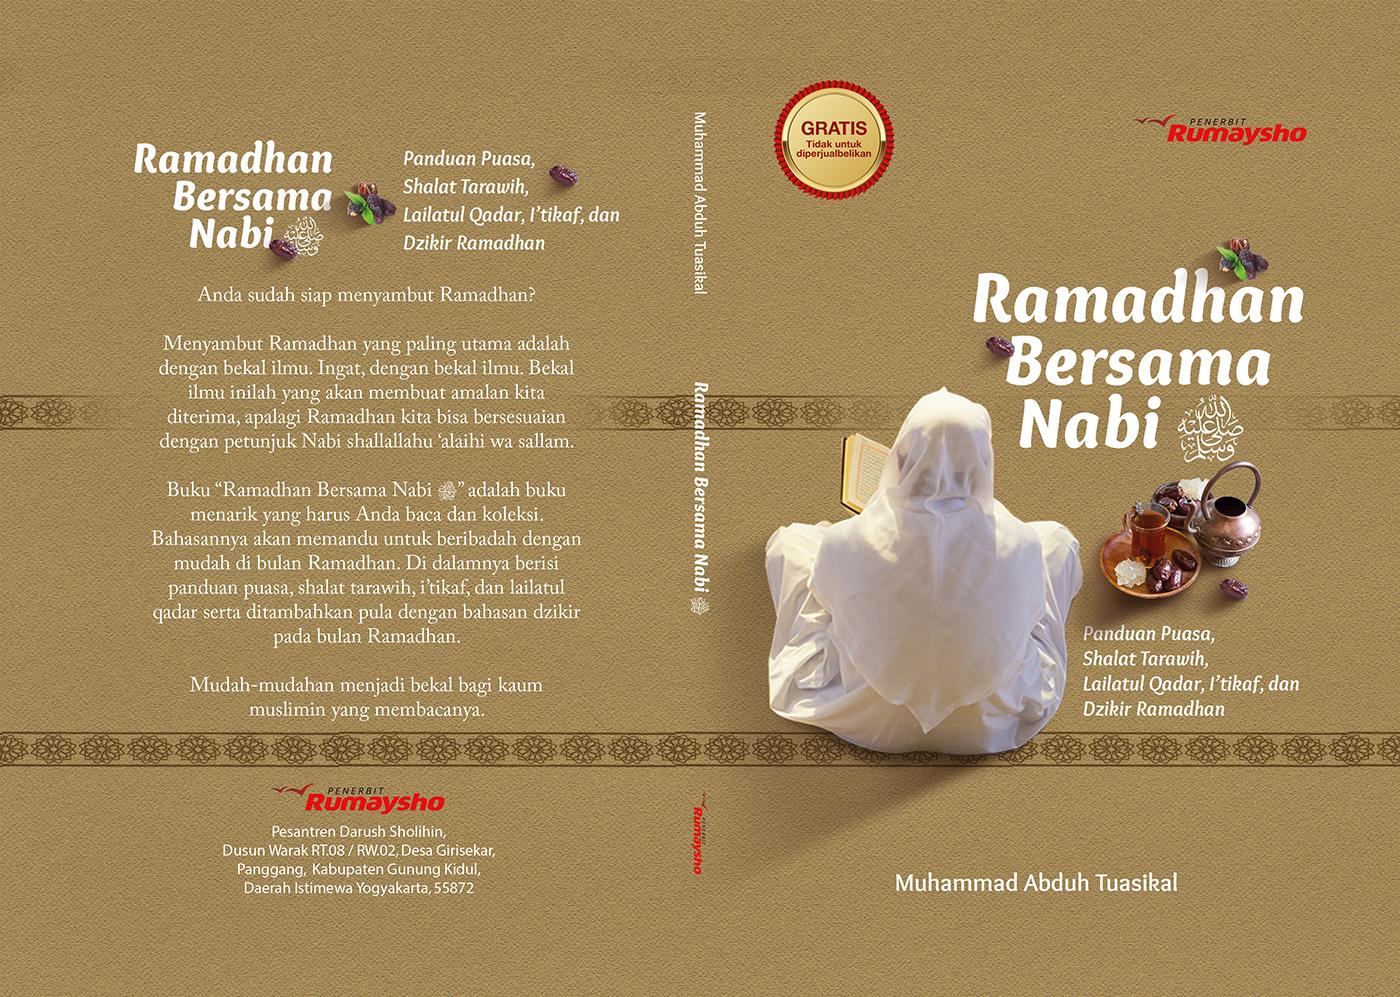 E-Book Ramadhan bersama nabi ﷺ